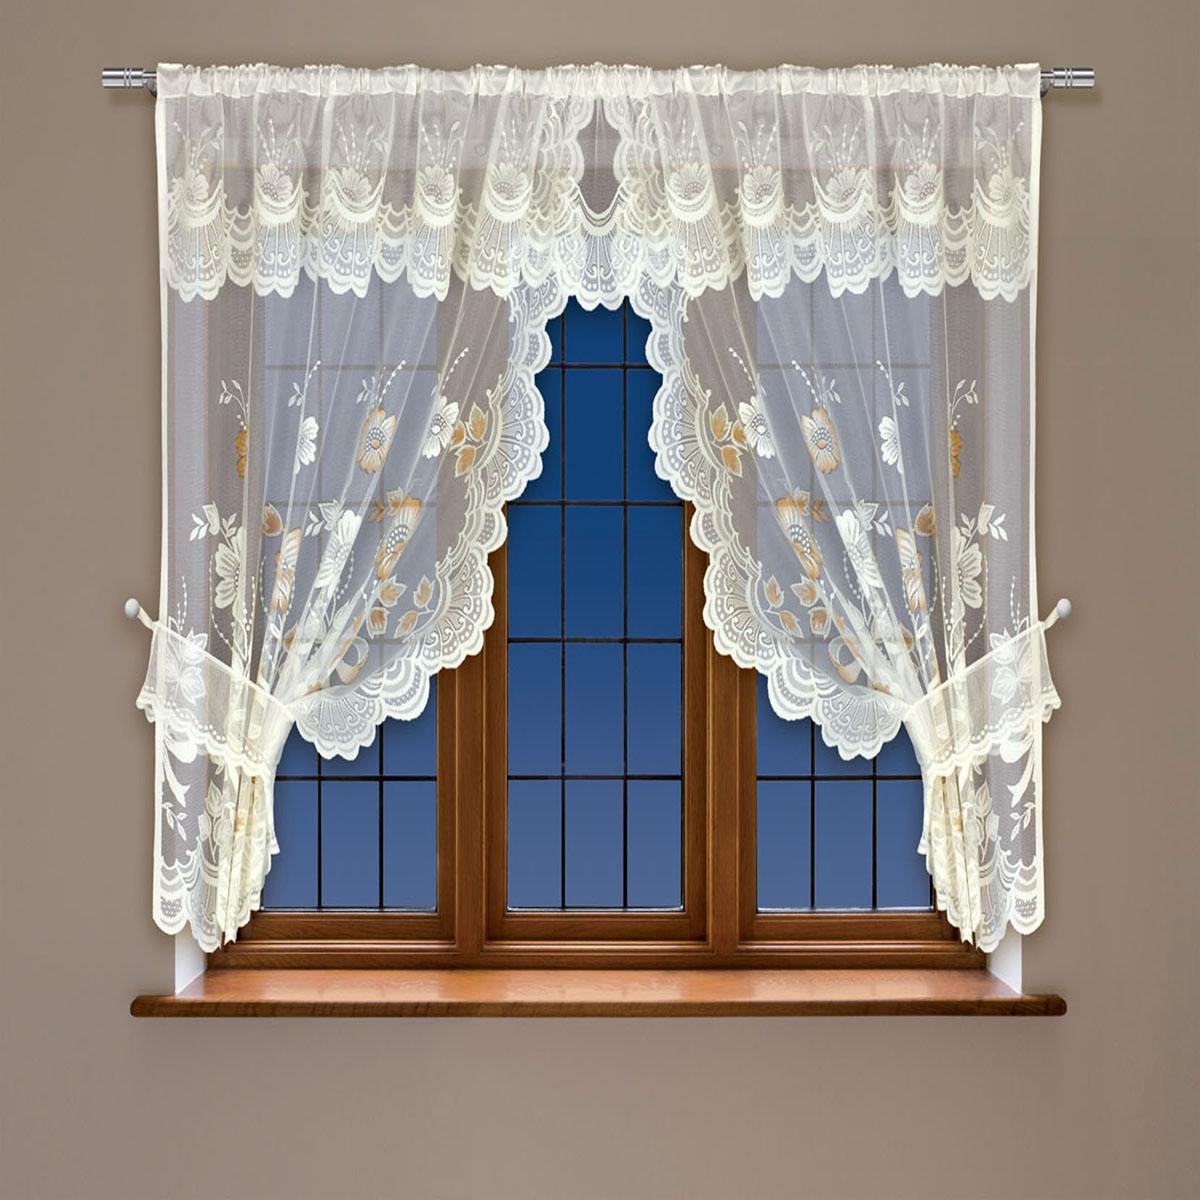 Гардина Haft, на кулиске, цвет: кремовый, высота 107 см. 202561202561/107 кремВоздушная гардина Haft, выполненная из полиэстера, великолепно украсит любое окно.Изделие имеет оригинальный дизайн и органично впишется в интерьер помещения.Гардина крепится на карниз при помощи кулиски.